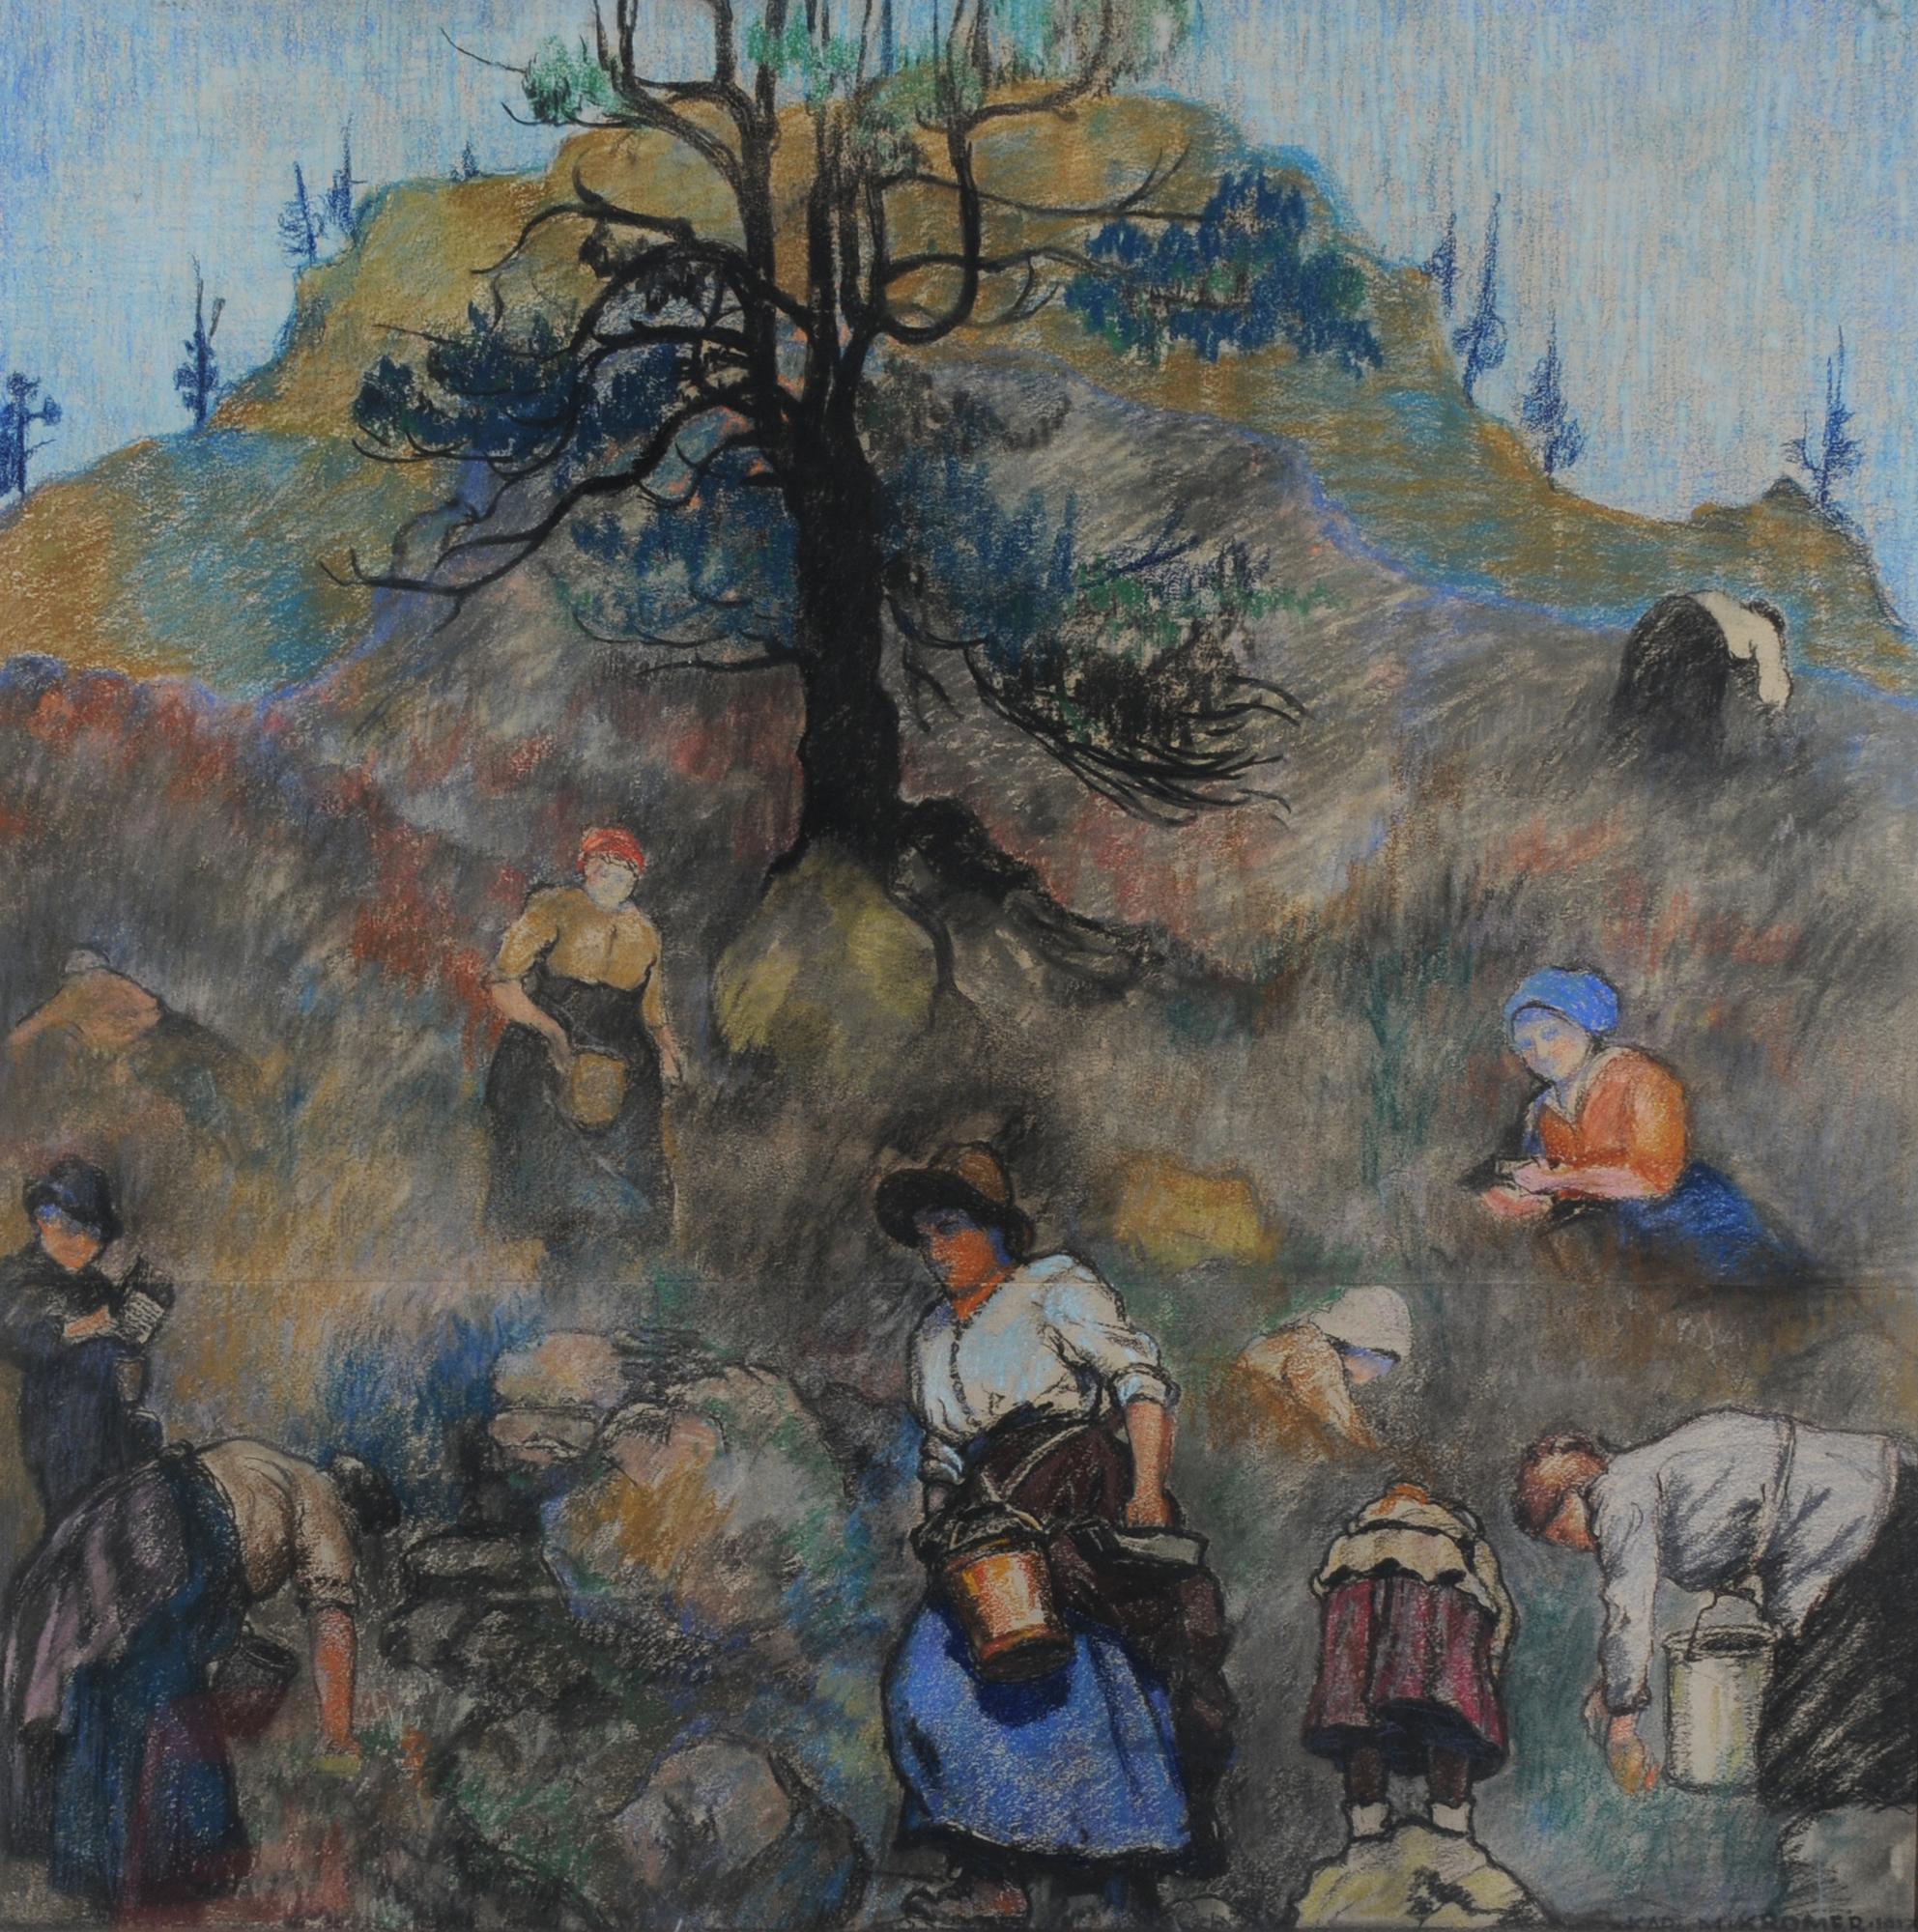 Kromer Karl M., Die Beerenleserinnen